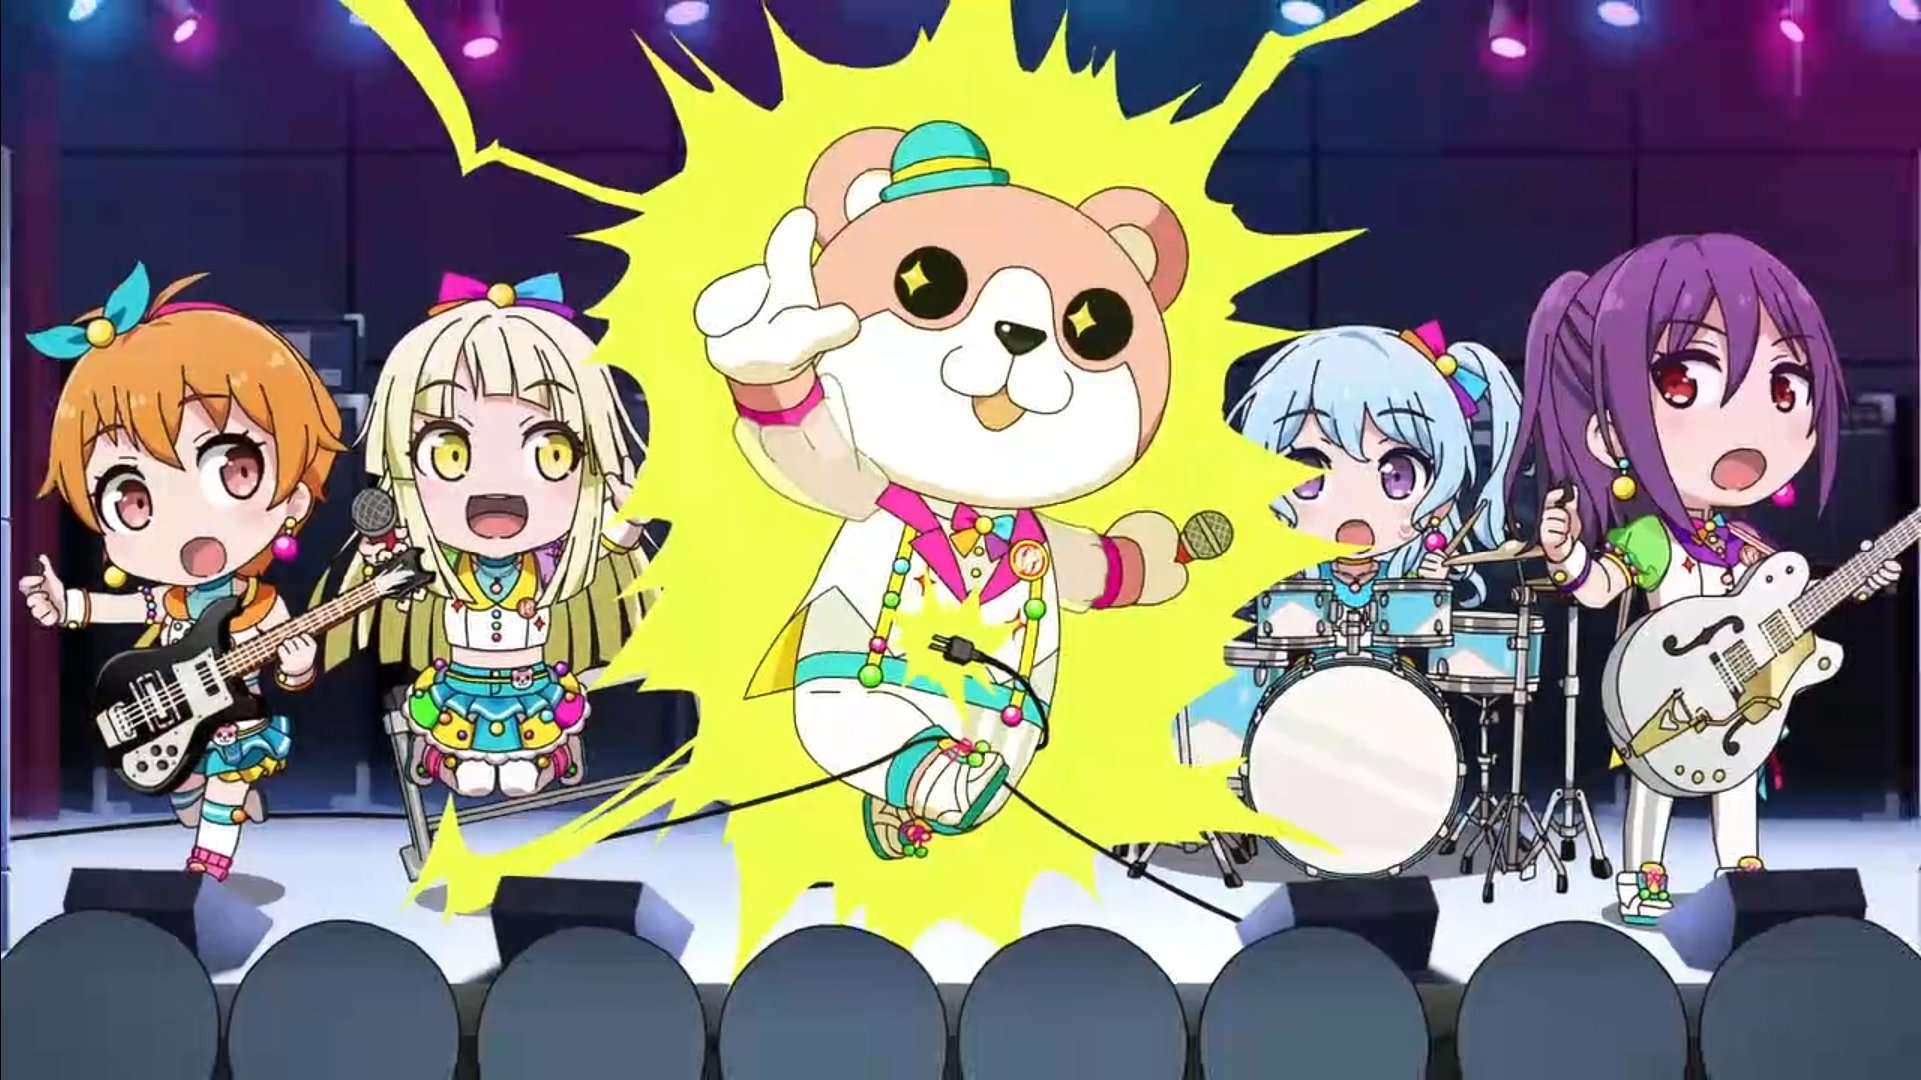 【动漫】《BanG Dream! 少女乐团派对》第6话-小柚妹站